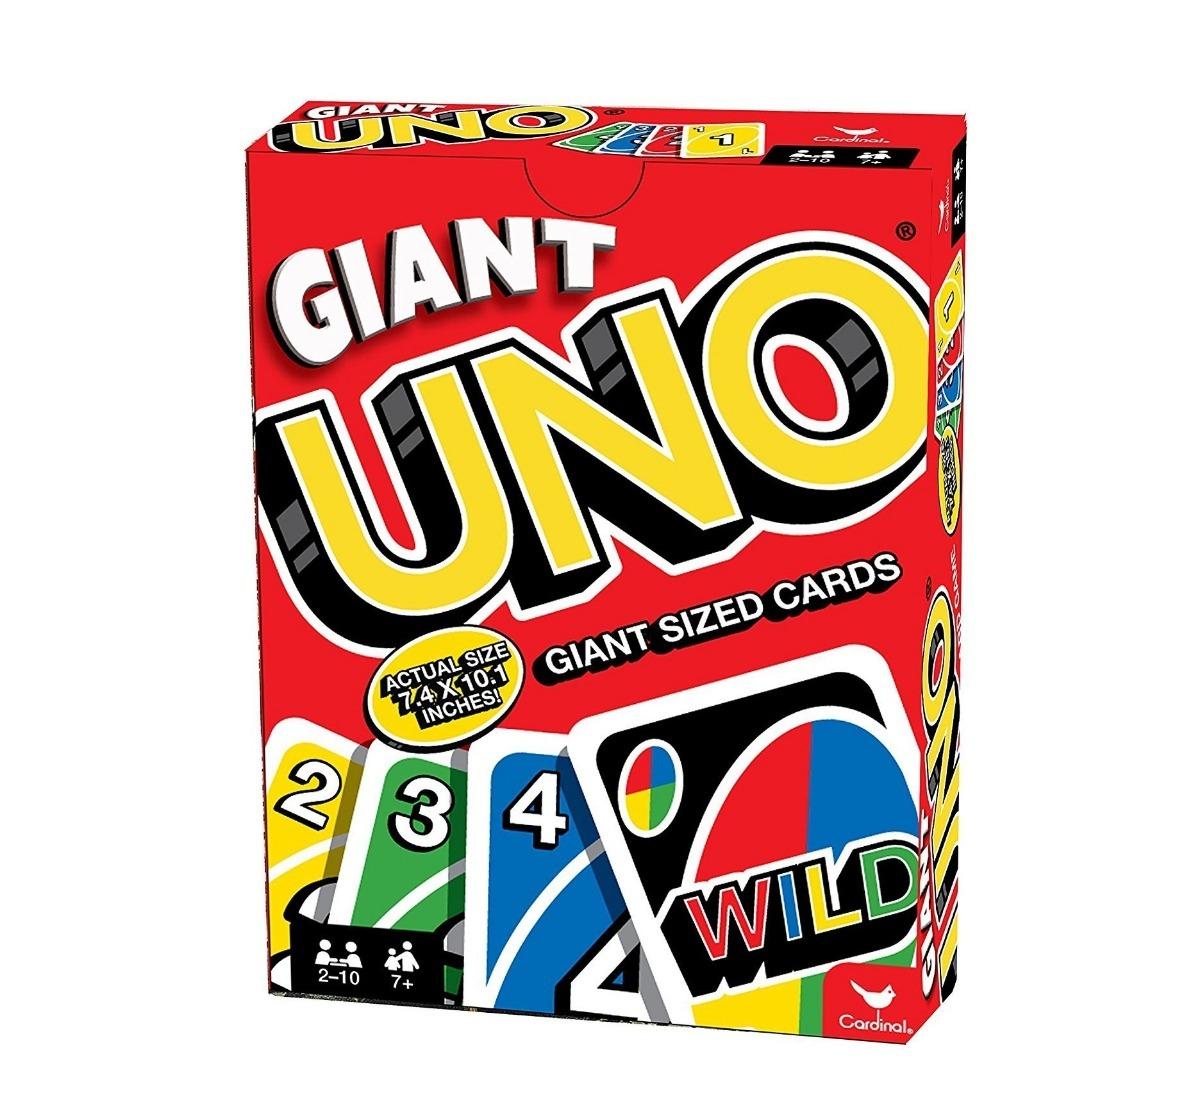 Juego Uno Gigante De Mesa De Cartas 26x19 Cm Juguete 599 00 En